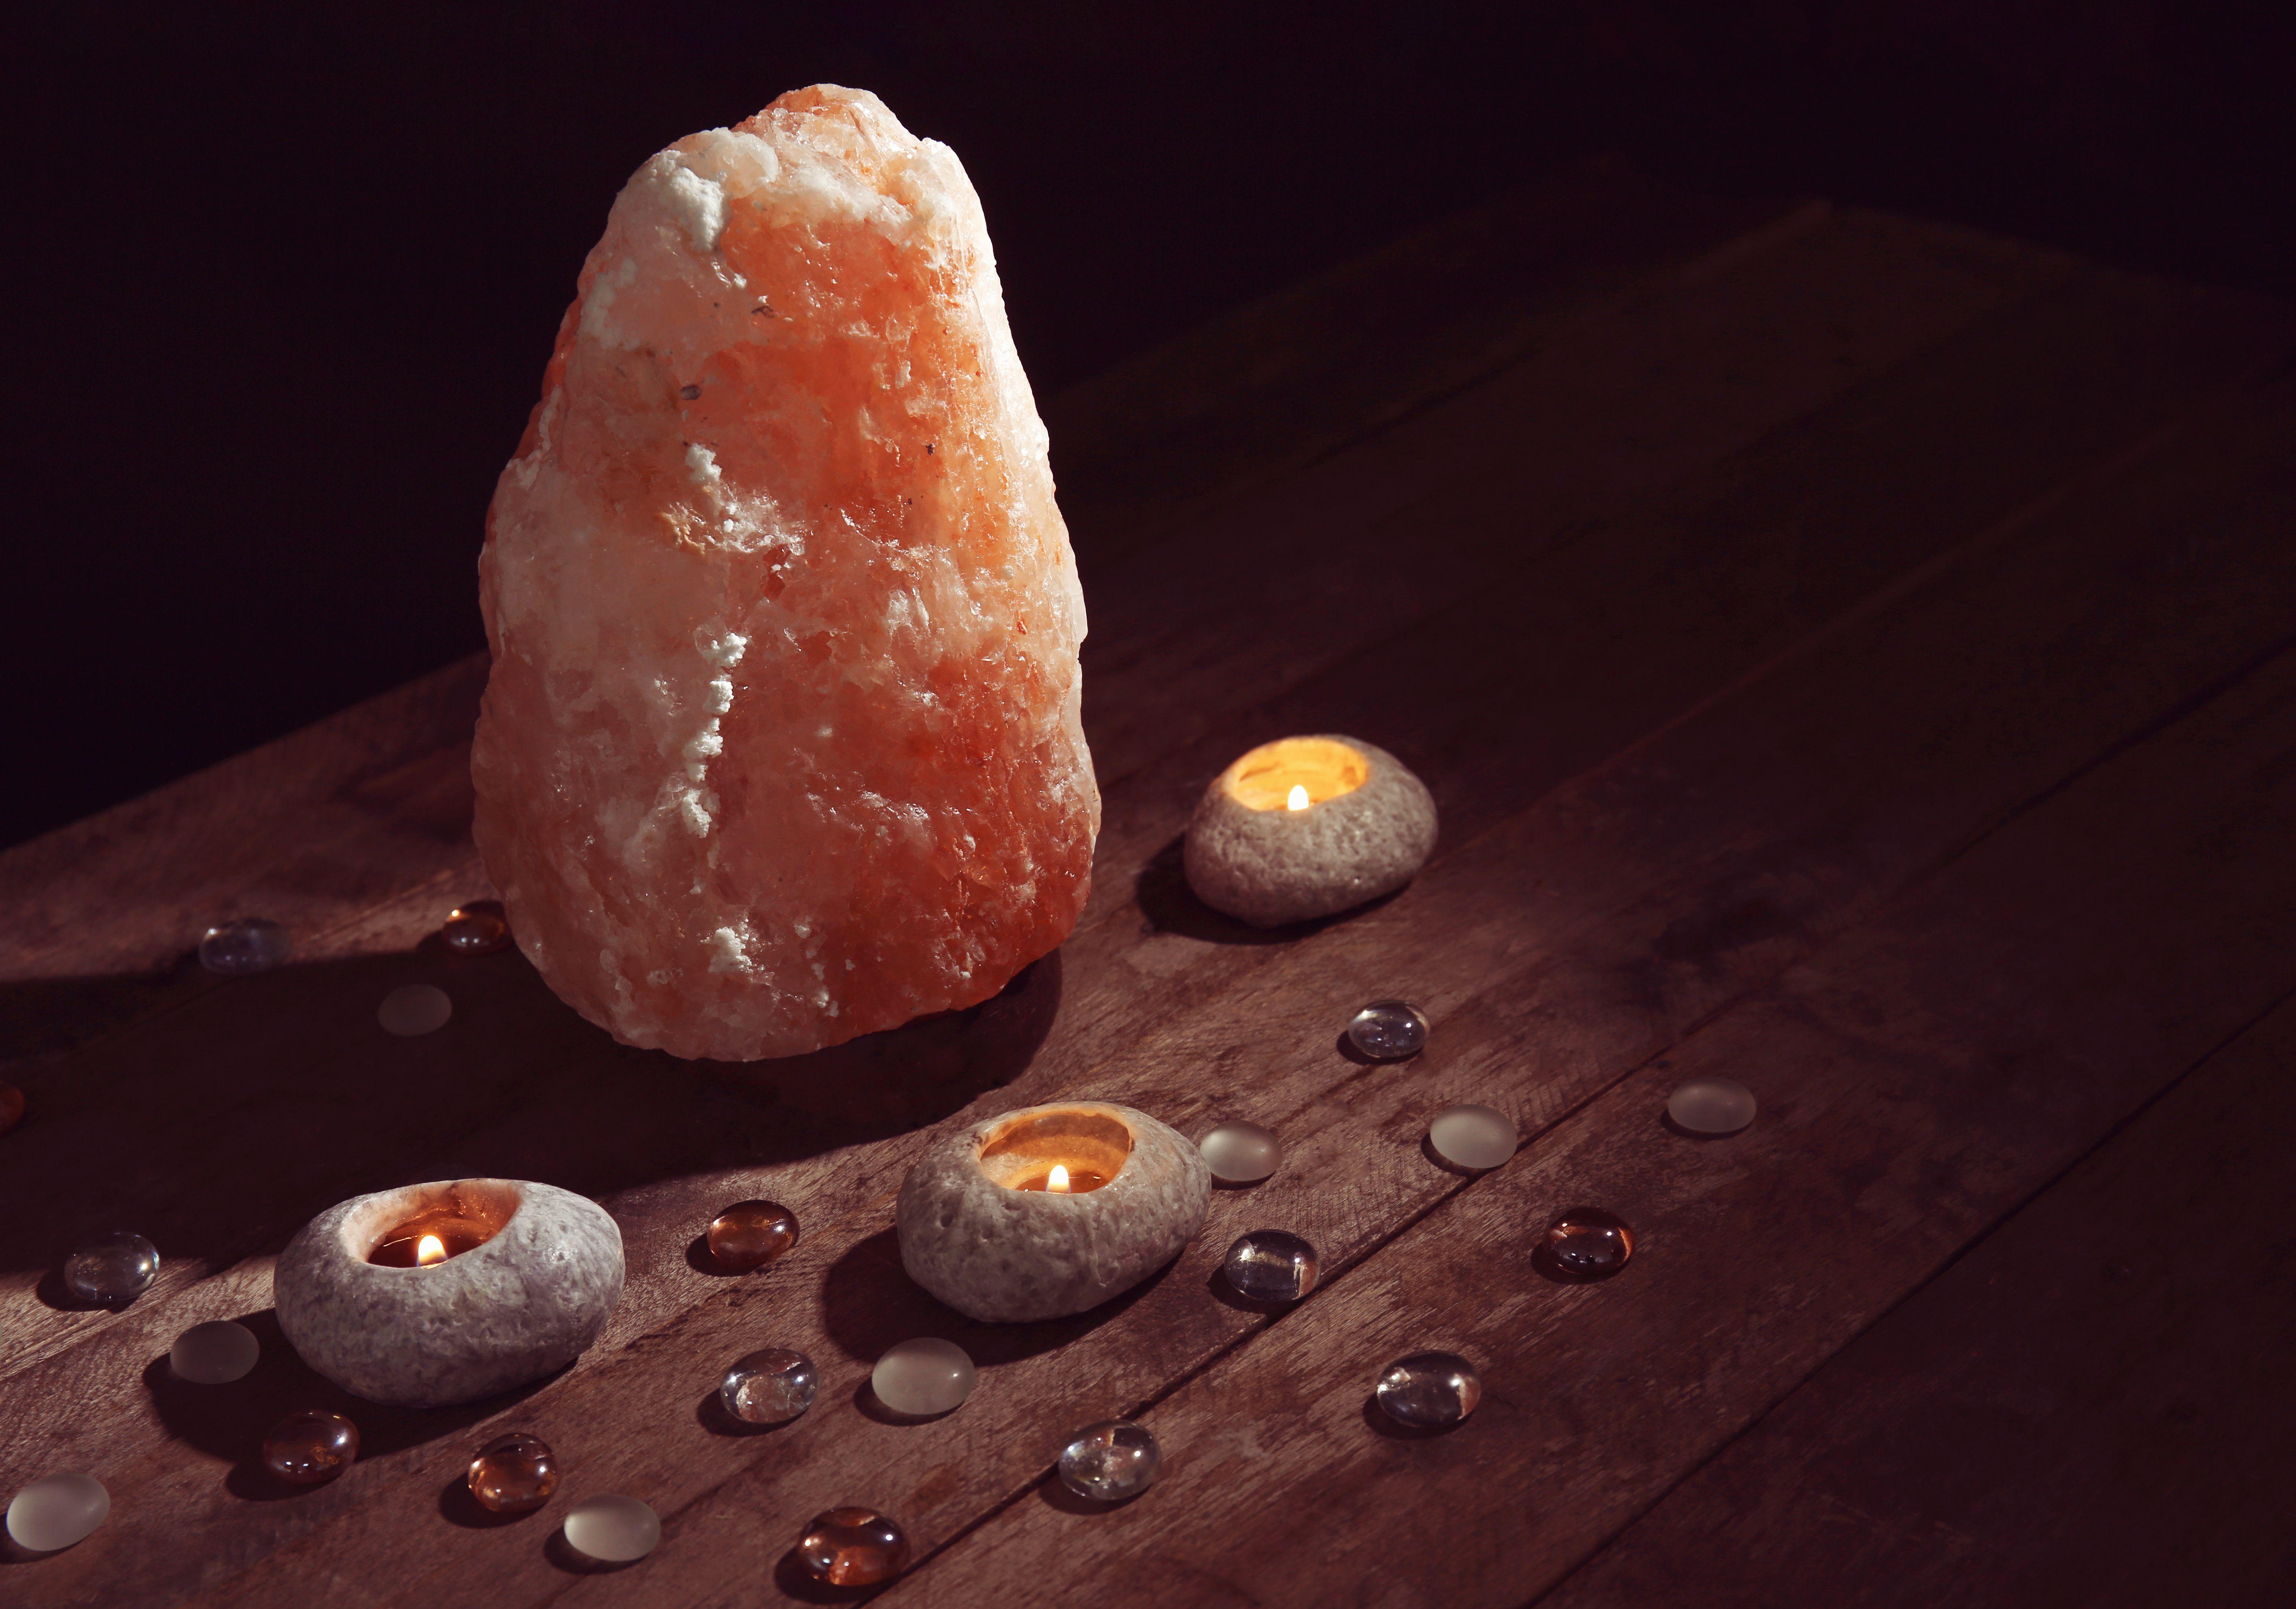 Stunning Large Salt Lamp That Has Healing Properties Himalayan Salt Lamp Salt Lamp White Himalayan Salt Lamp